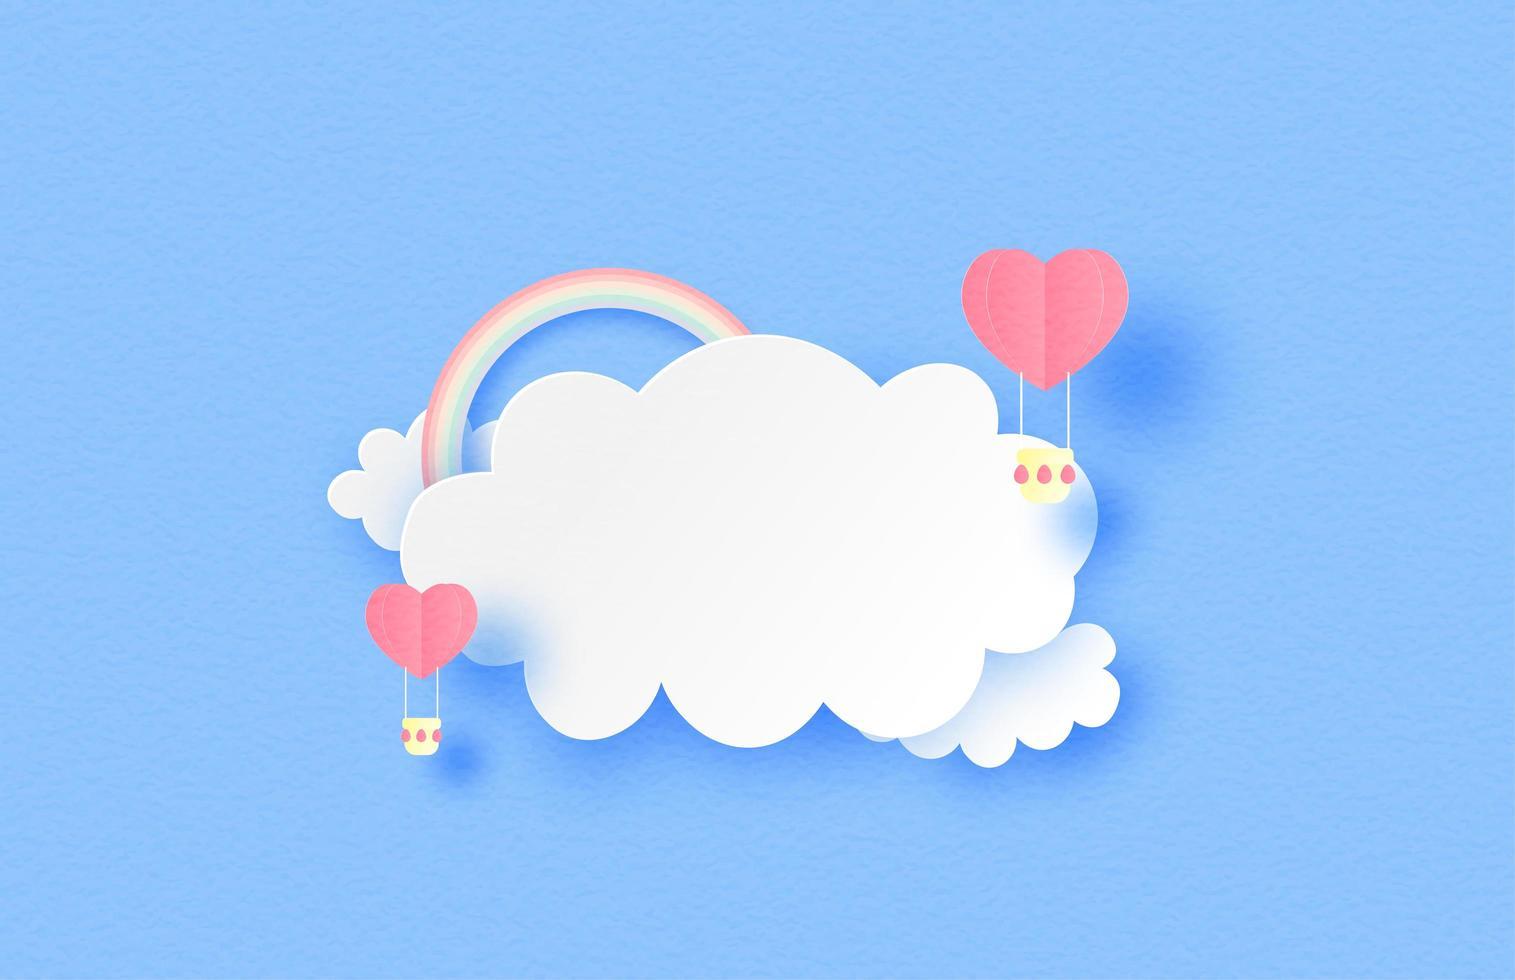 Globos de aire en forma de corazón en las nubes con arco iris vector